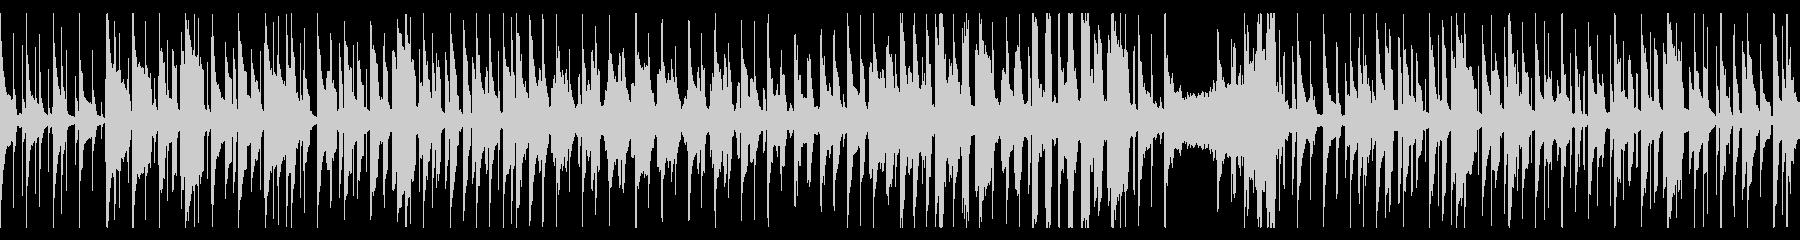 リコーダーがメインの脱力系の曲の未再生の波形